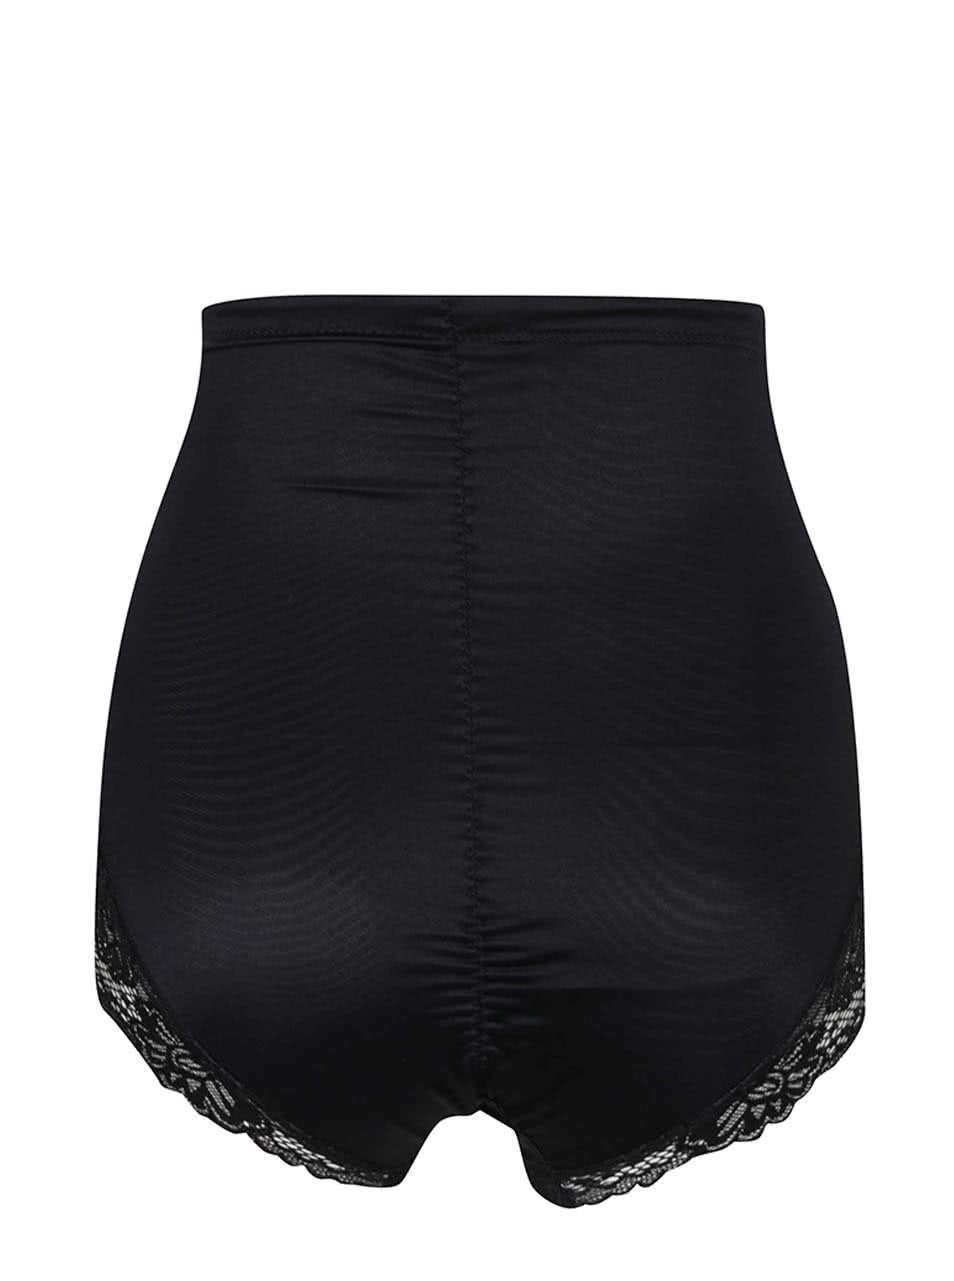 Černé krajkové stahovací kalhotky s vysokým pasem M Co ... 639505dff9